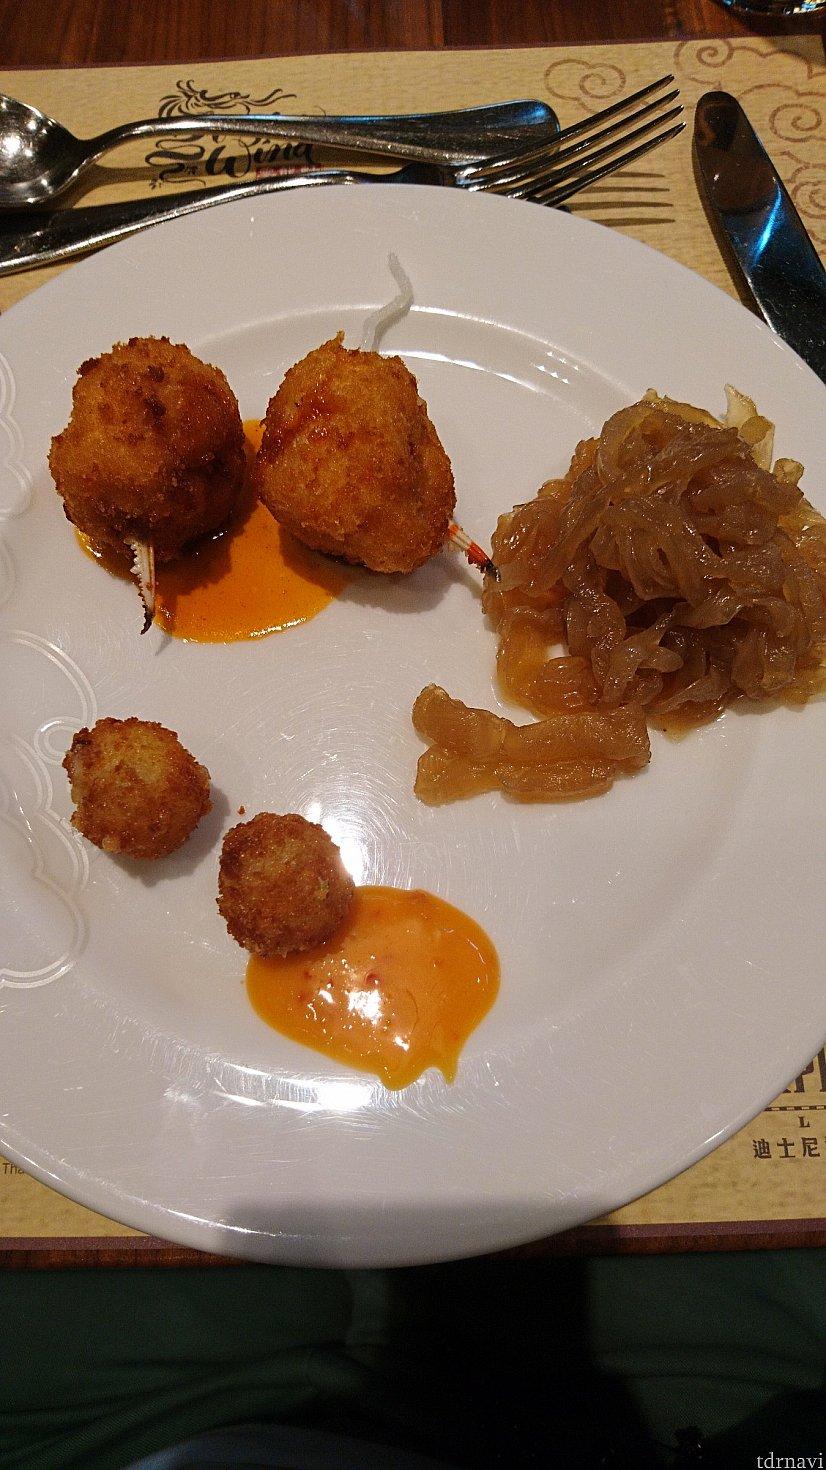 それぞれ、蟹のすり身をボール状にして揚げたもの、中華クラゲ、チーズを揚げたものです😁